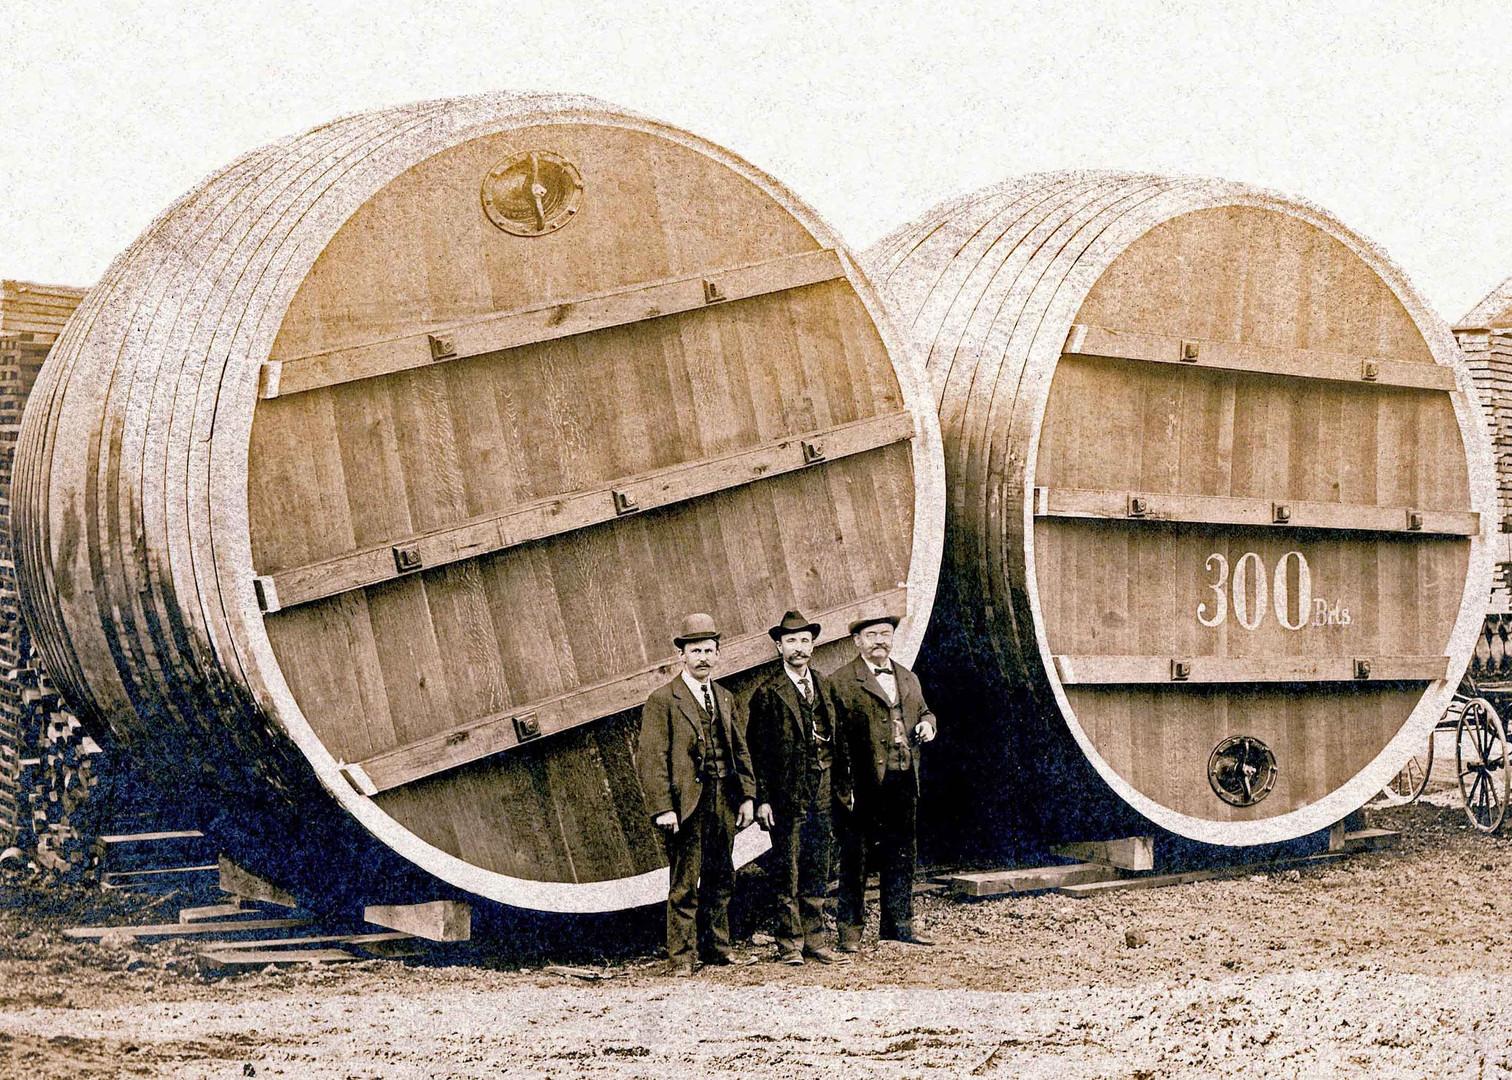 300 Barrel Wood Vats, J.M. Schott Cooperage & Sons, Cincinnati, OH.